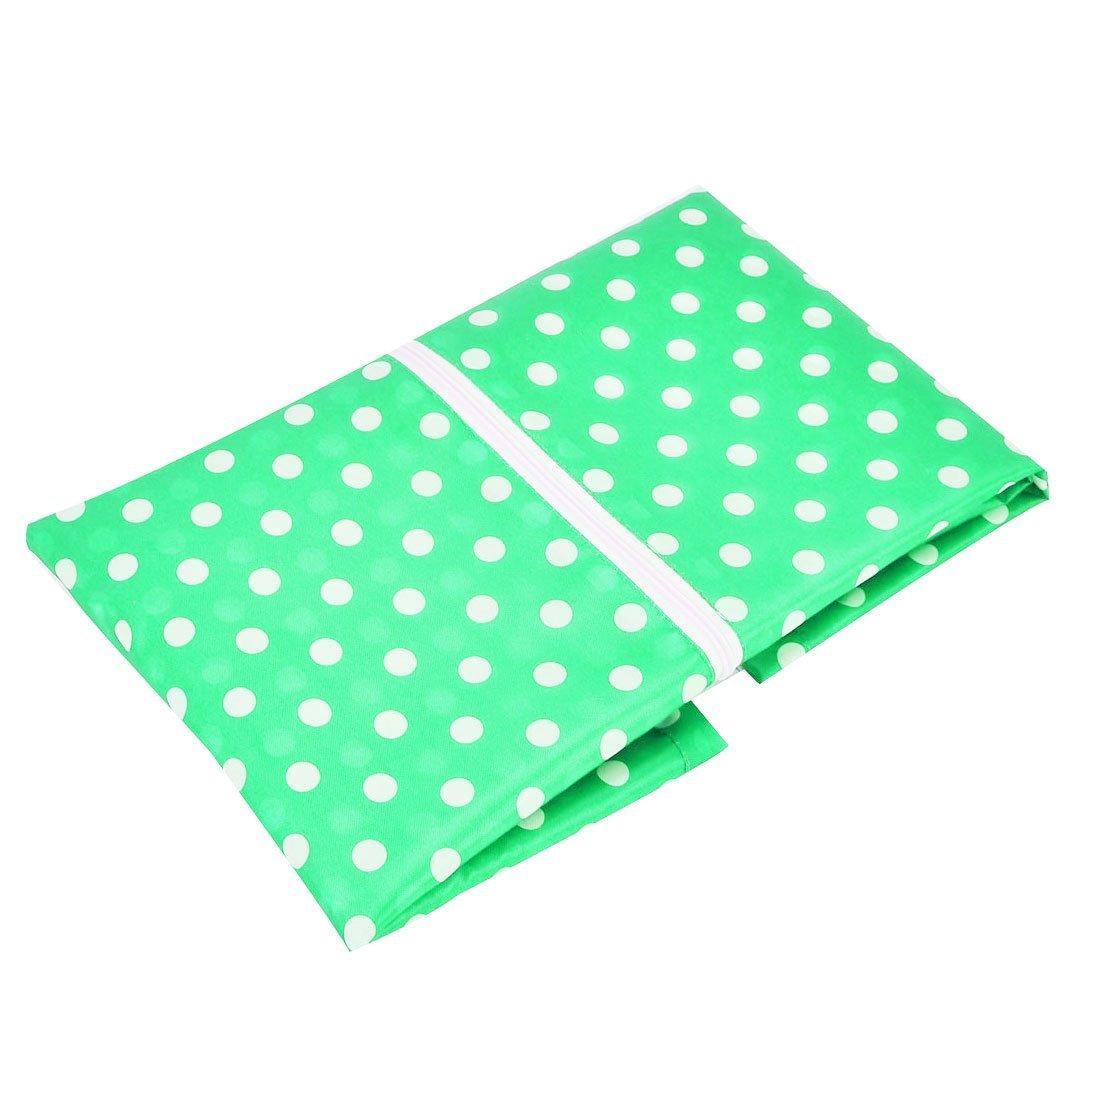 Amazon.com: eDealMax de ropa de Vestir juego ropa de capa de la Chaqueta a prueba de polvo Protector de la cubierta Verde: Home & Kitchen